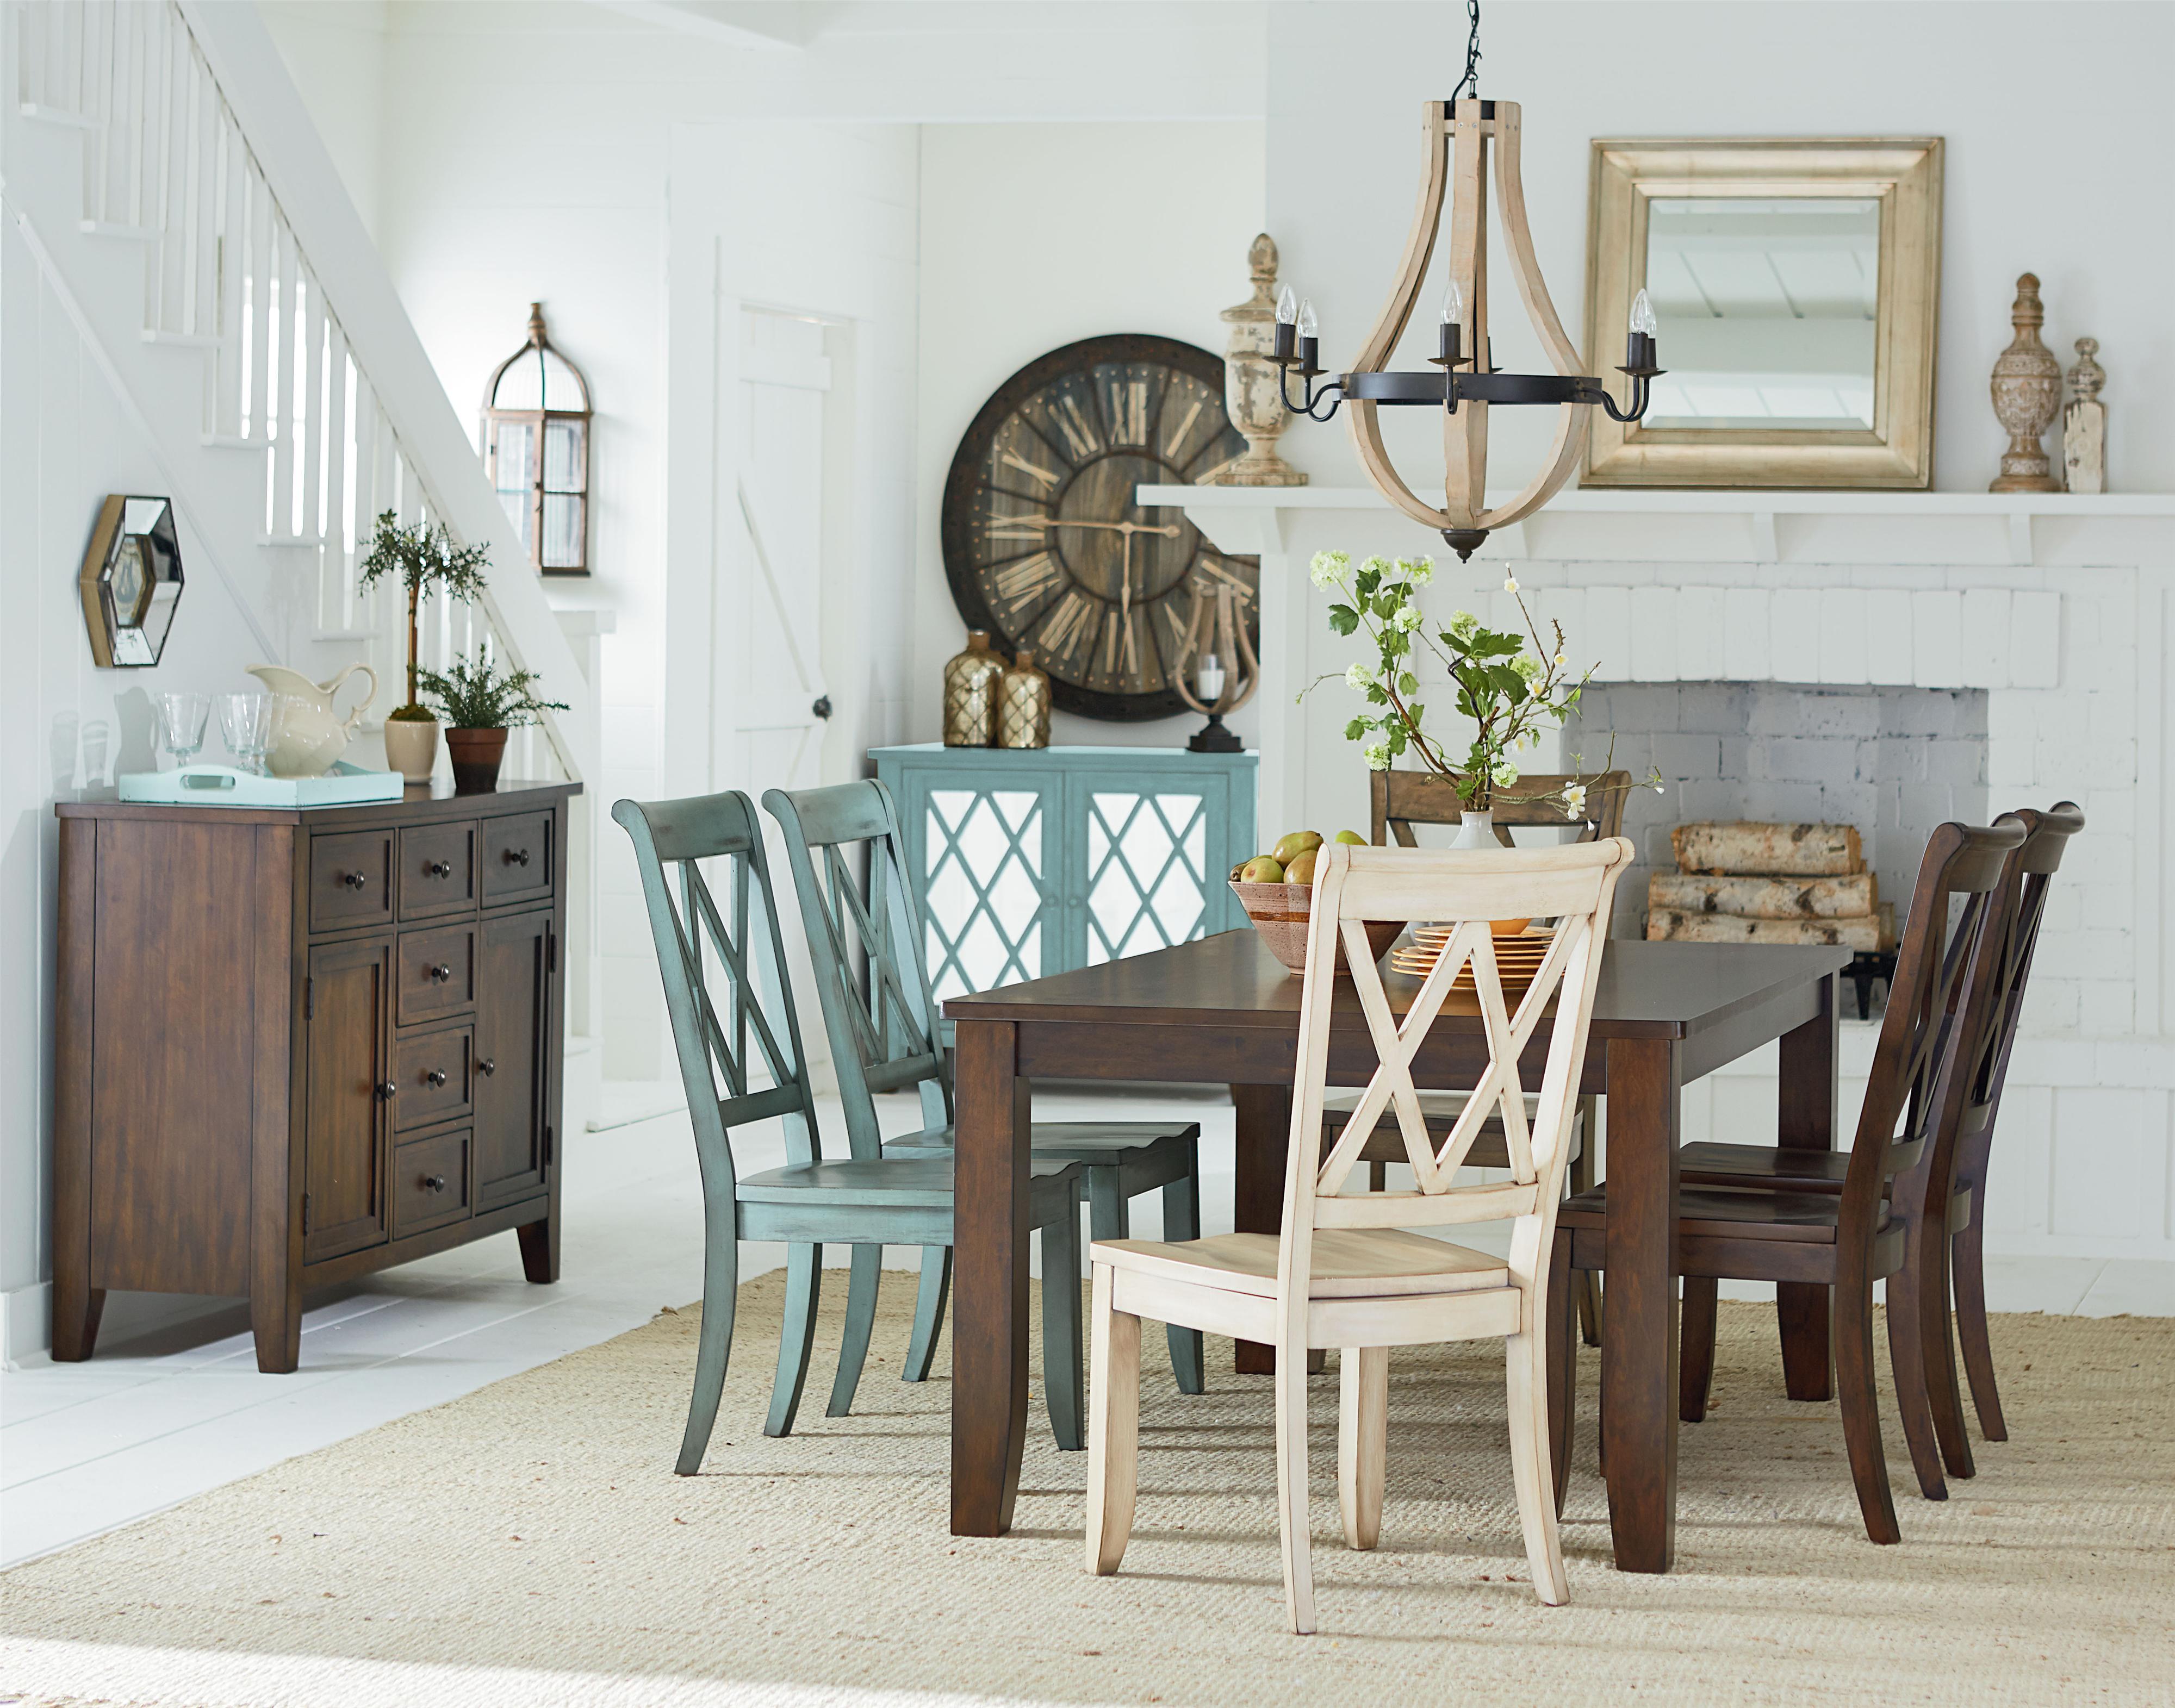 Standard Furniture Vintage Dining Room Group - Item Number: 11300 Dining Room Goup 1